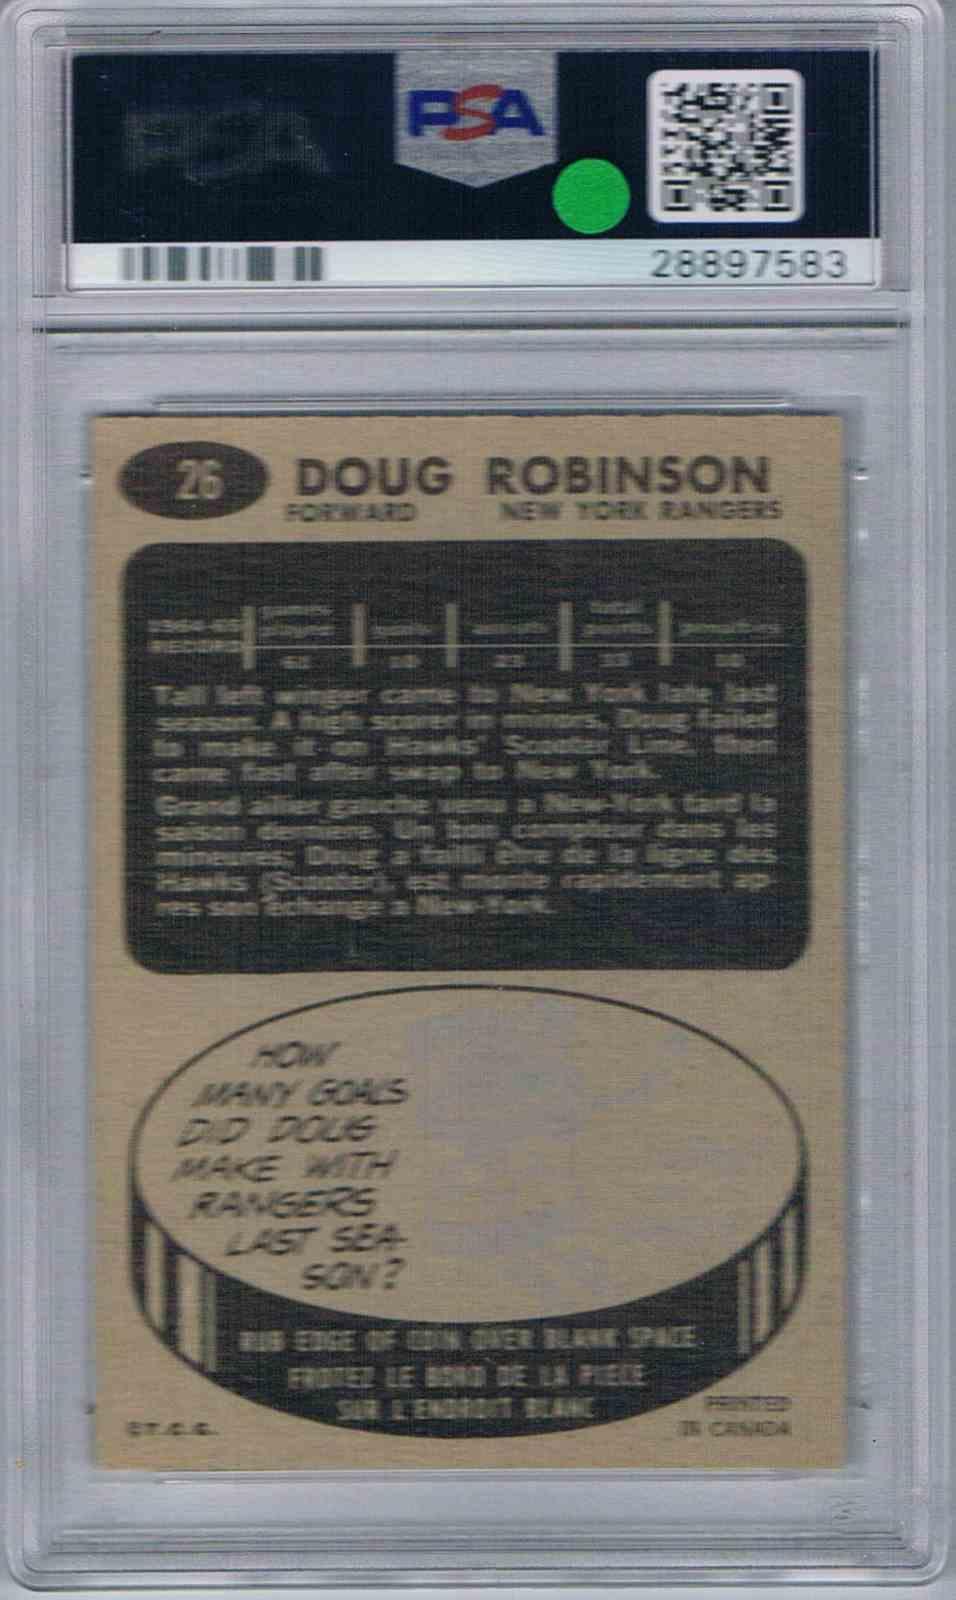 1965-66 Topps Doug Robinson #26 card back image